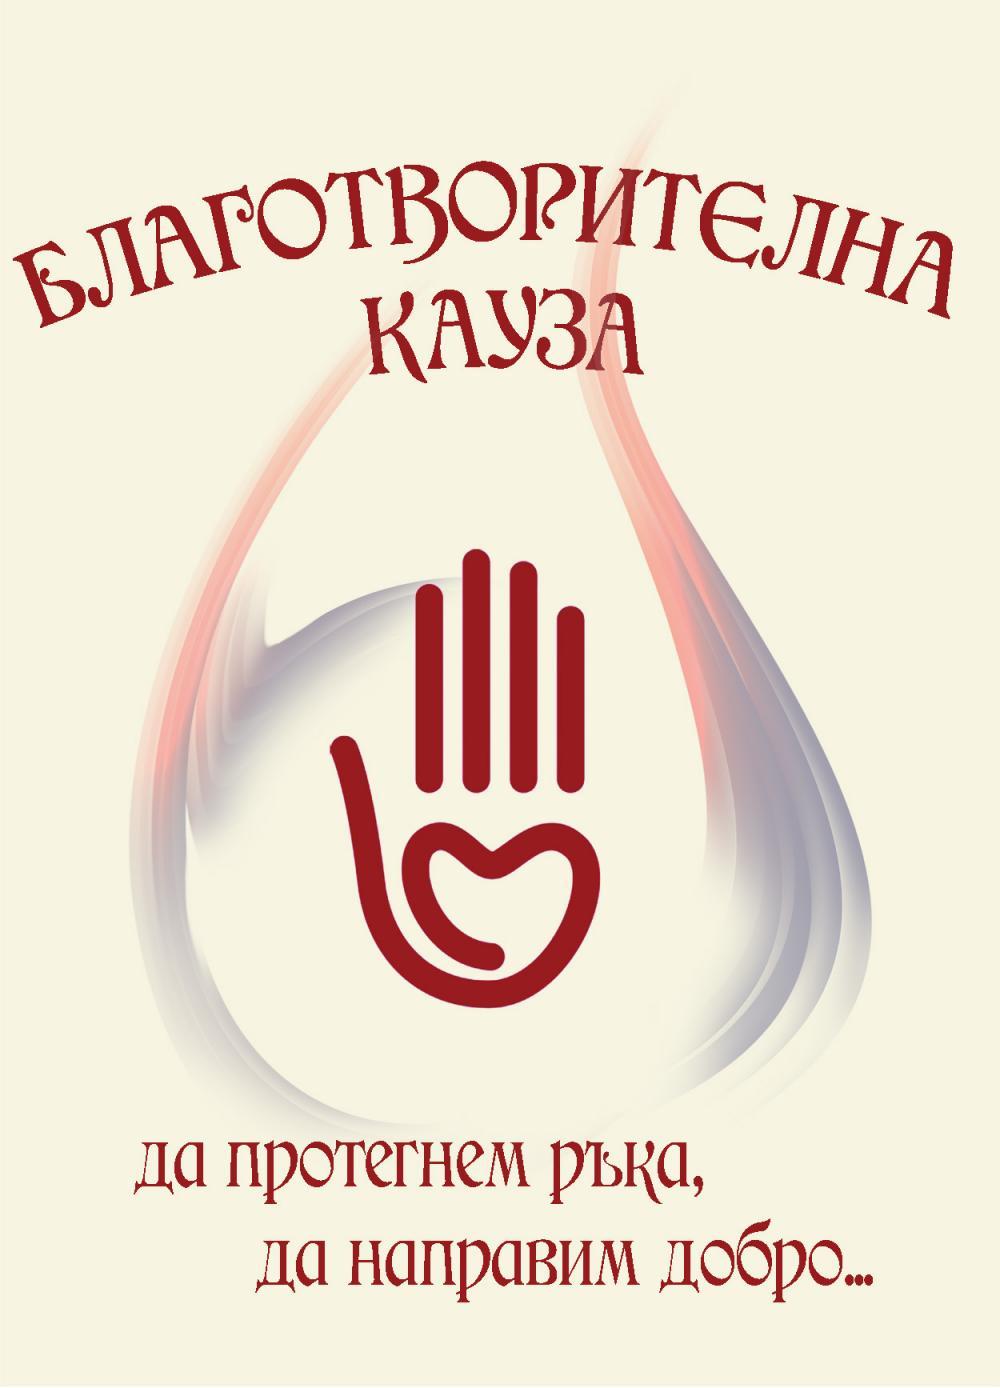 Традиционна кулинарна изложба с благотворителна цел